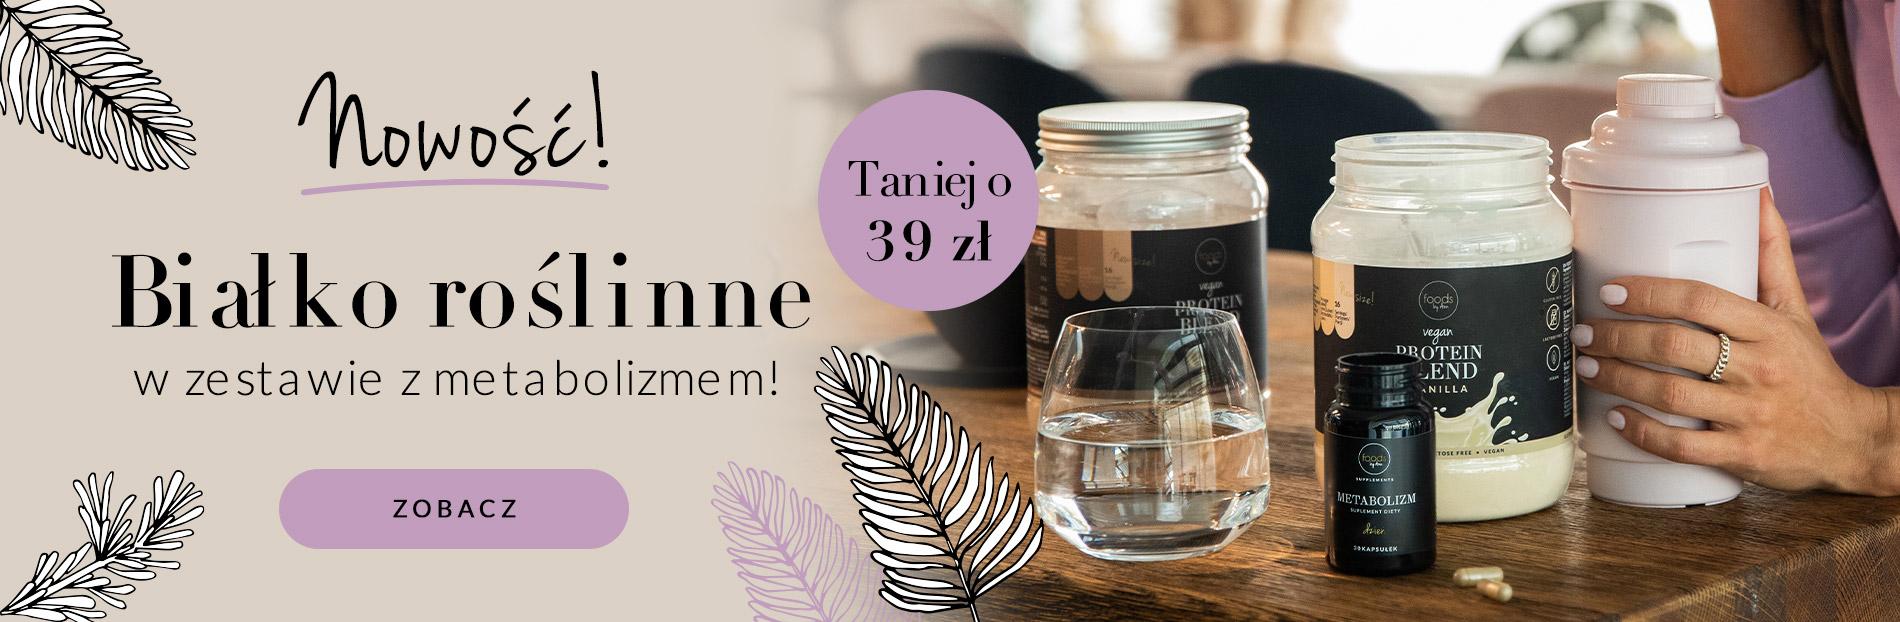 Foods by Ann: białko roślinne taniej o 39 zł